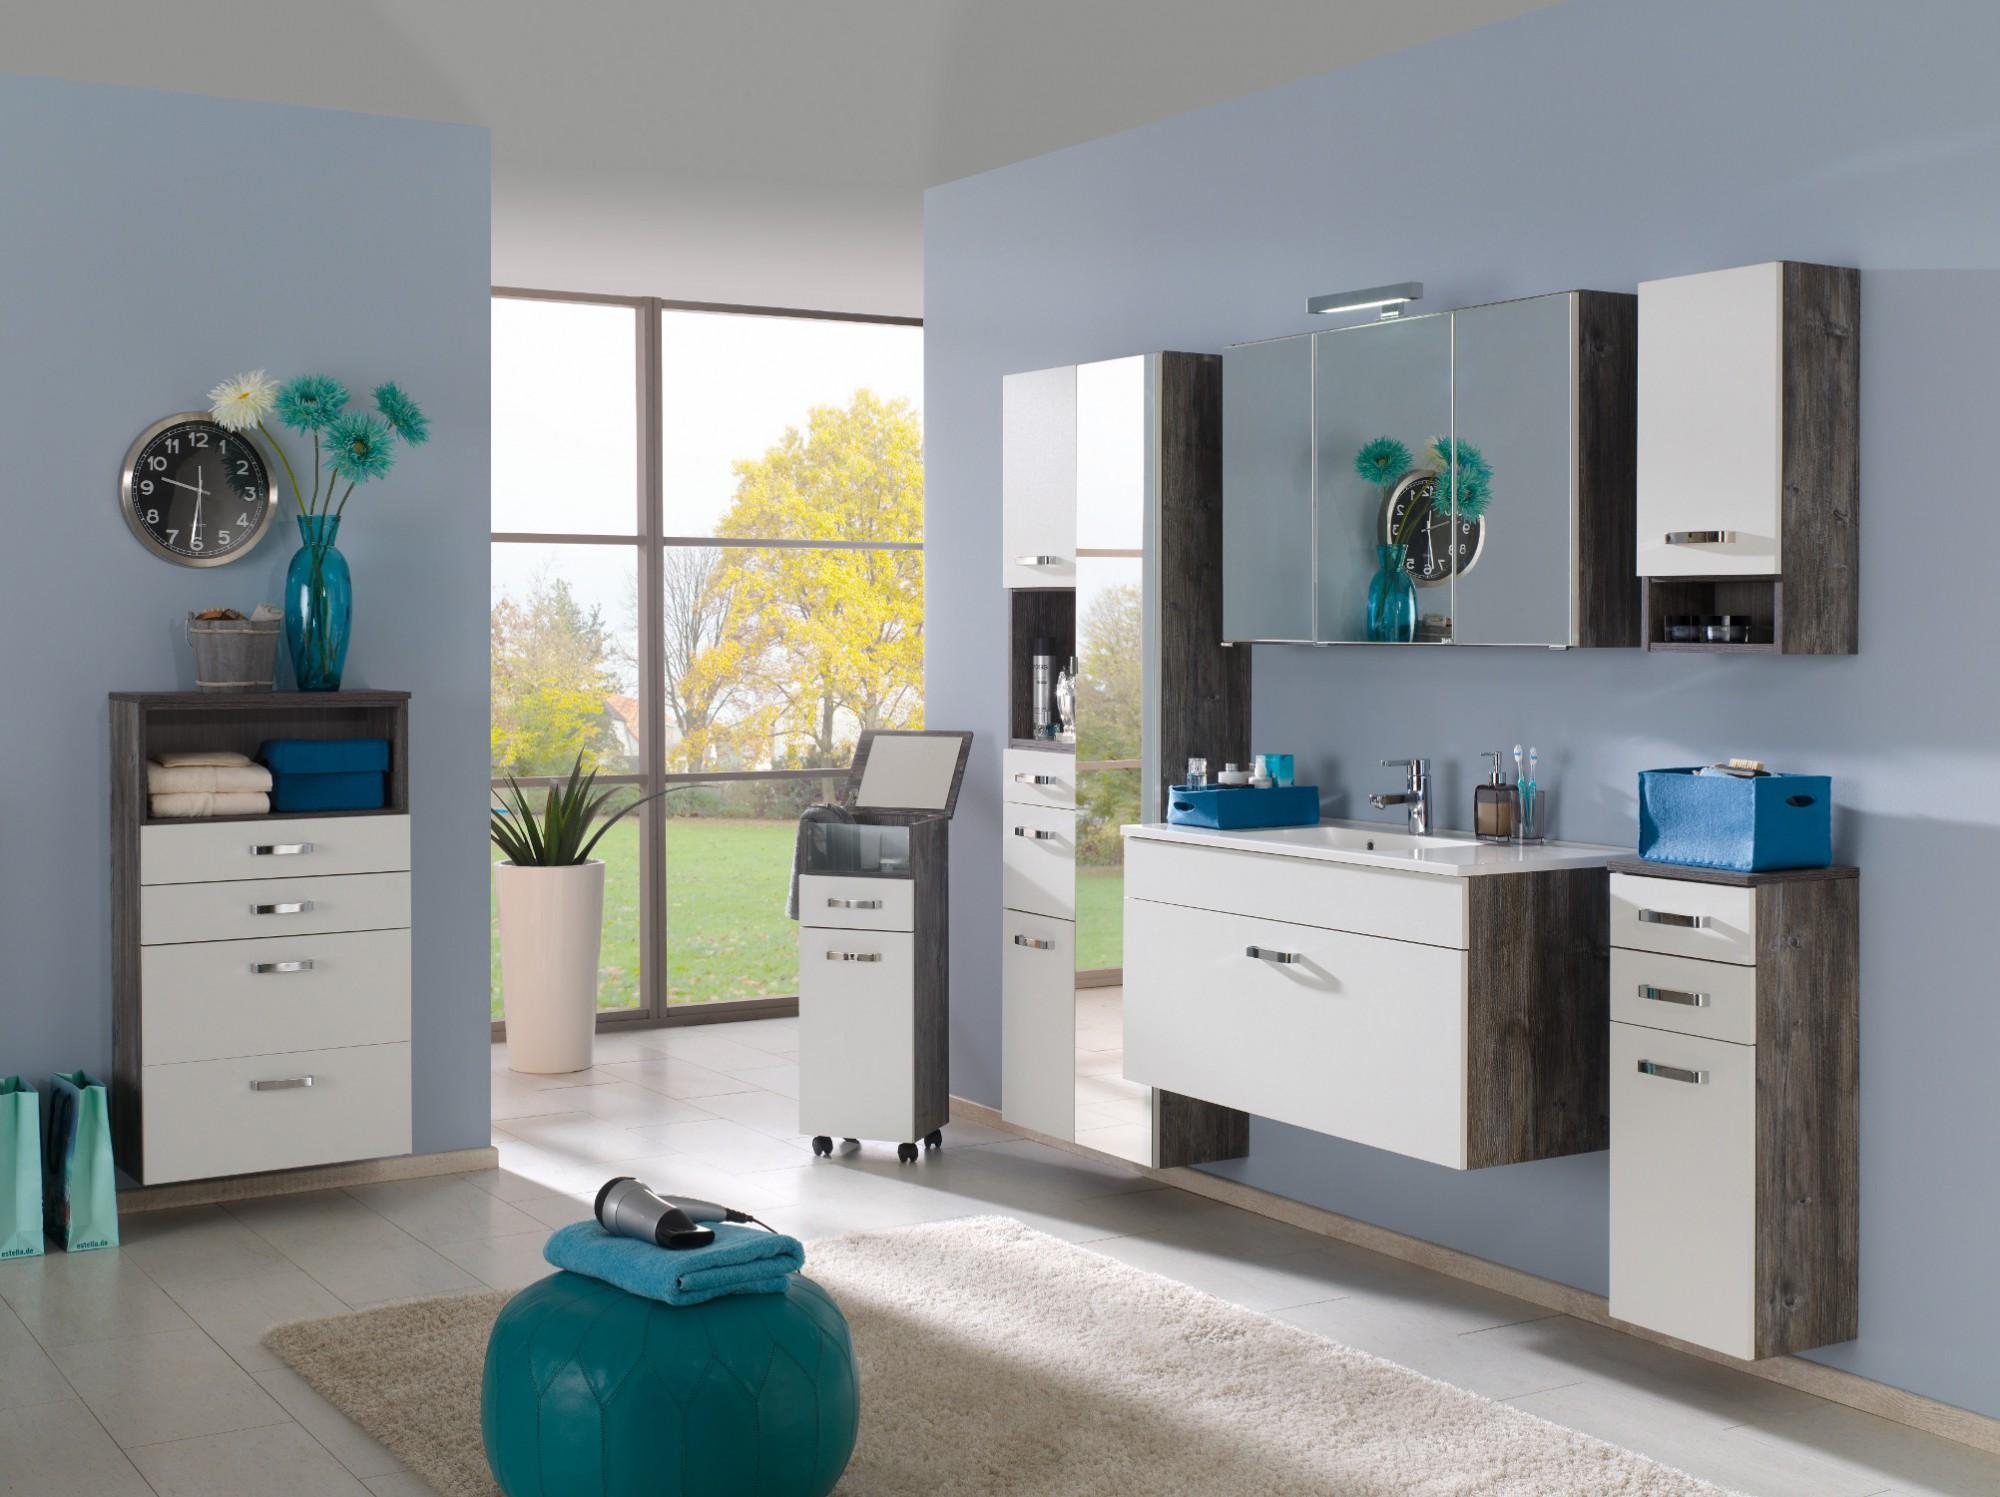 Waschbeckenunterschrank stehend grau  Waschbeckenunterschrank Schublade Grau: Waschtisch stehend 80 ...